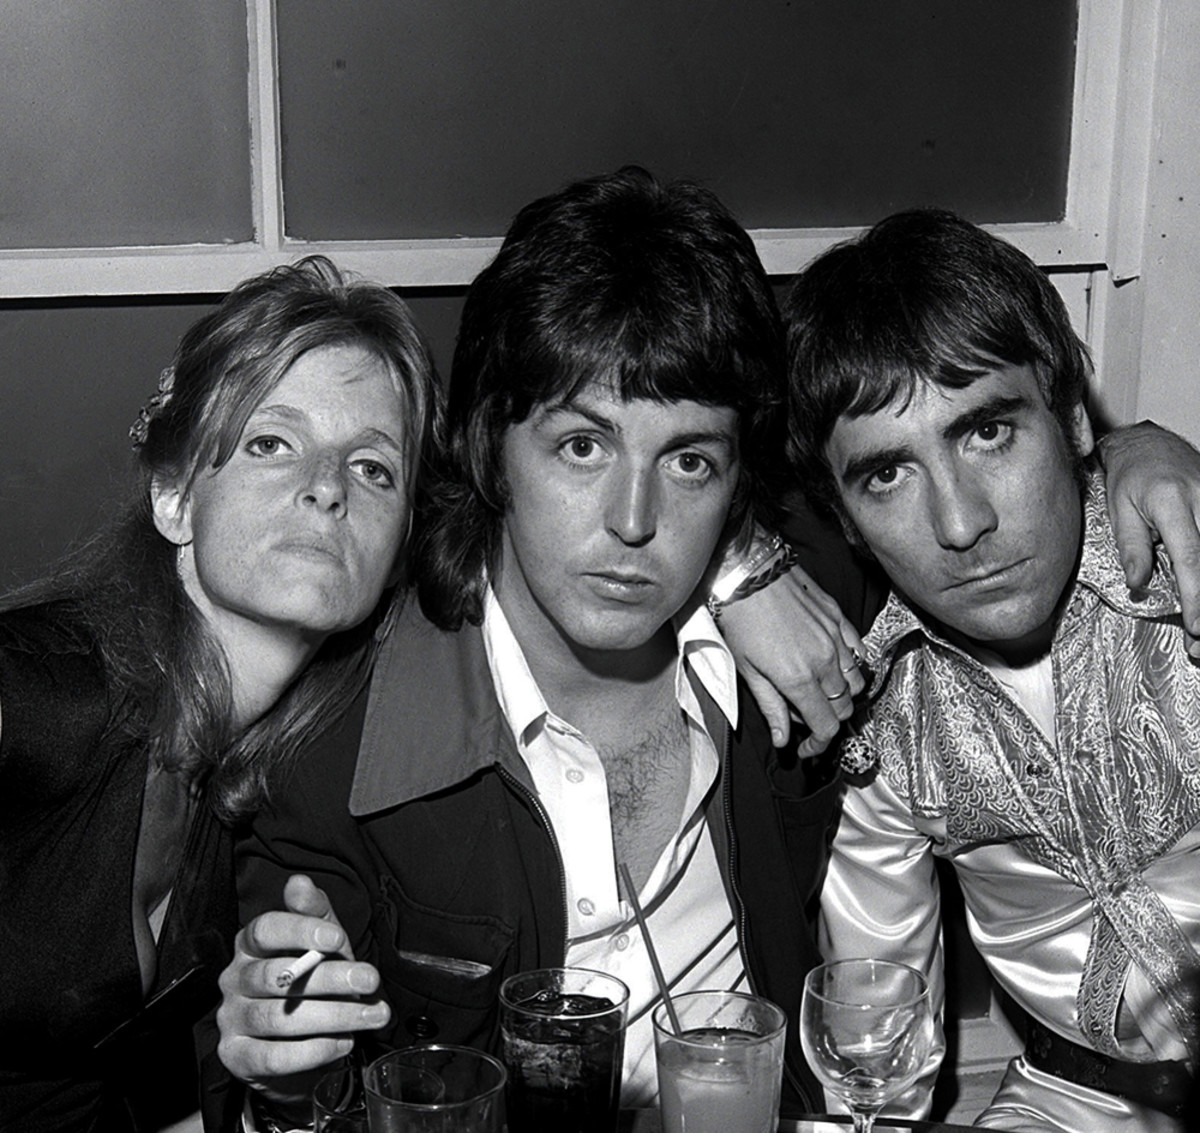 Linda, Paul and Keith